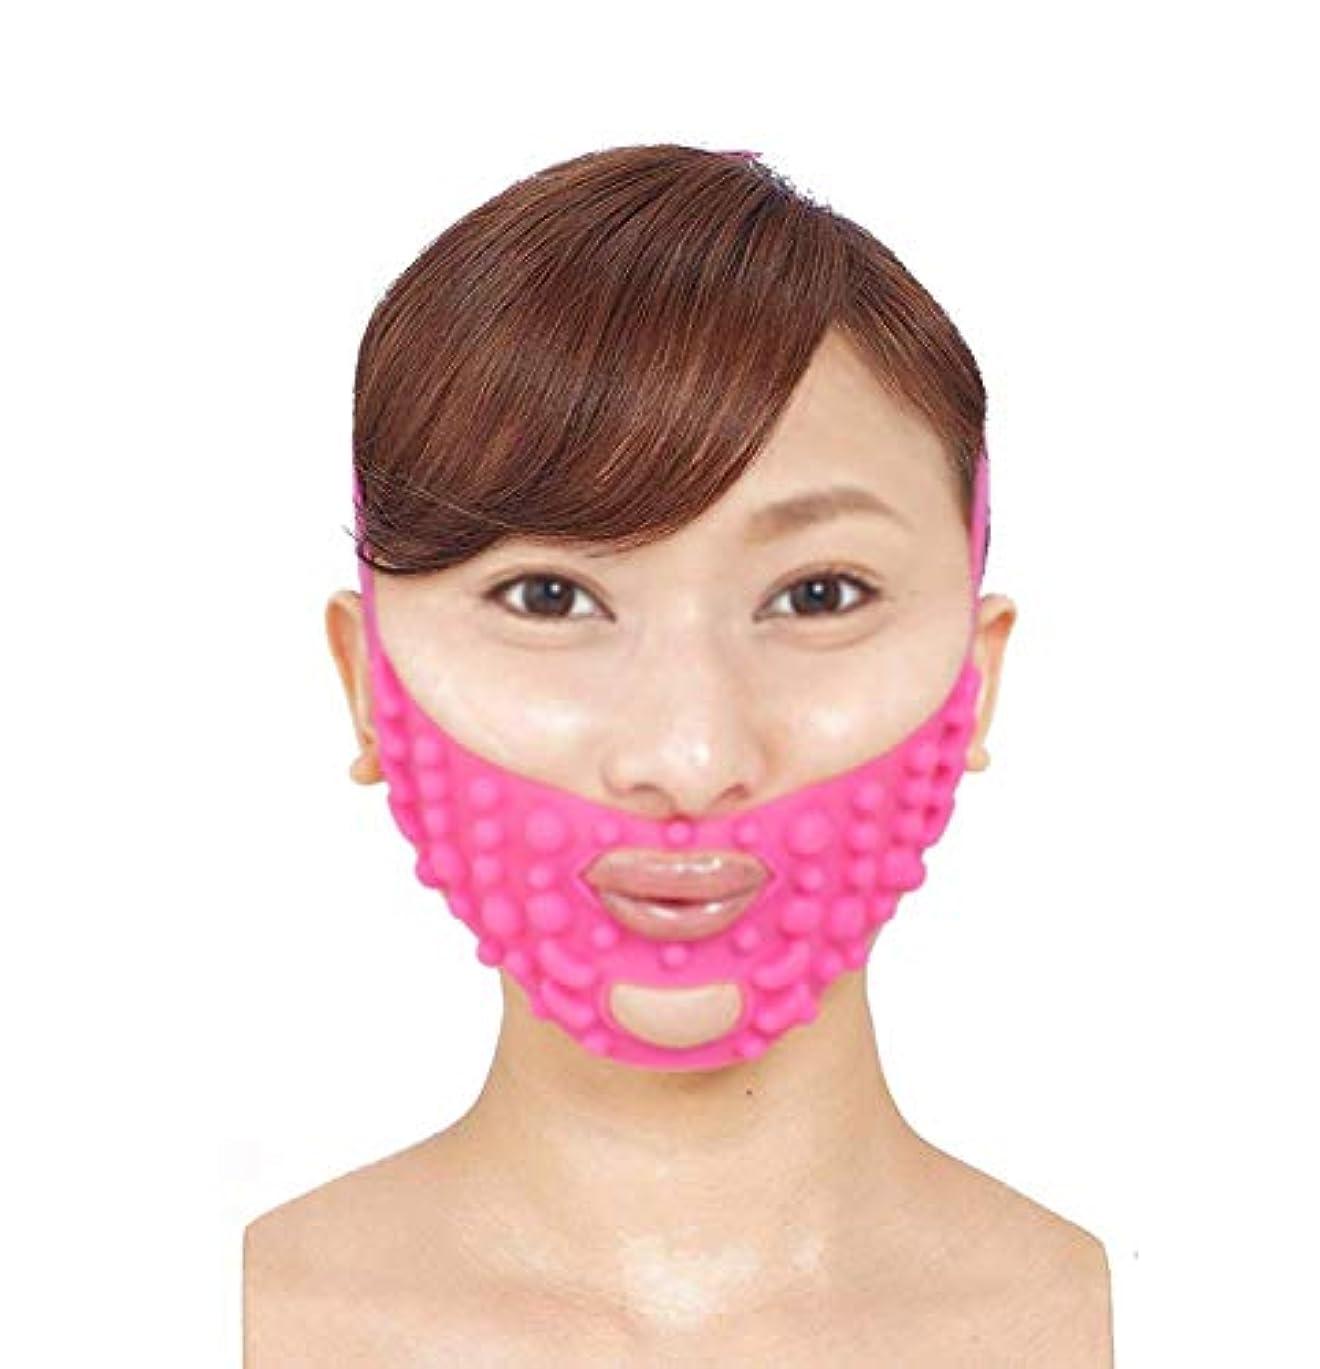 溶ける取り壊すたぶんフェイシャルマスク、リフティングアーティファクトフェイスマスク垂れ下がった小さなVフェイスバンデージ付きの顔 スリーピングフェイスダブルチンチンセットスリープエラスティックスリミングベルト